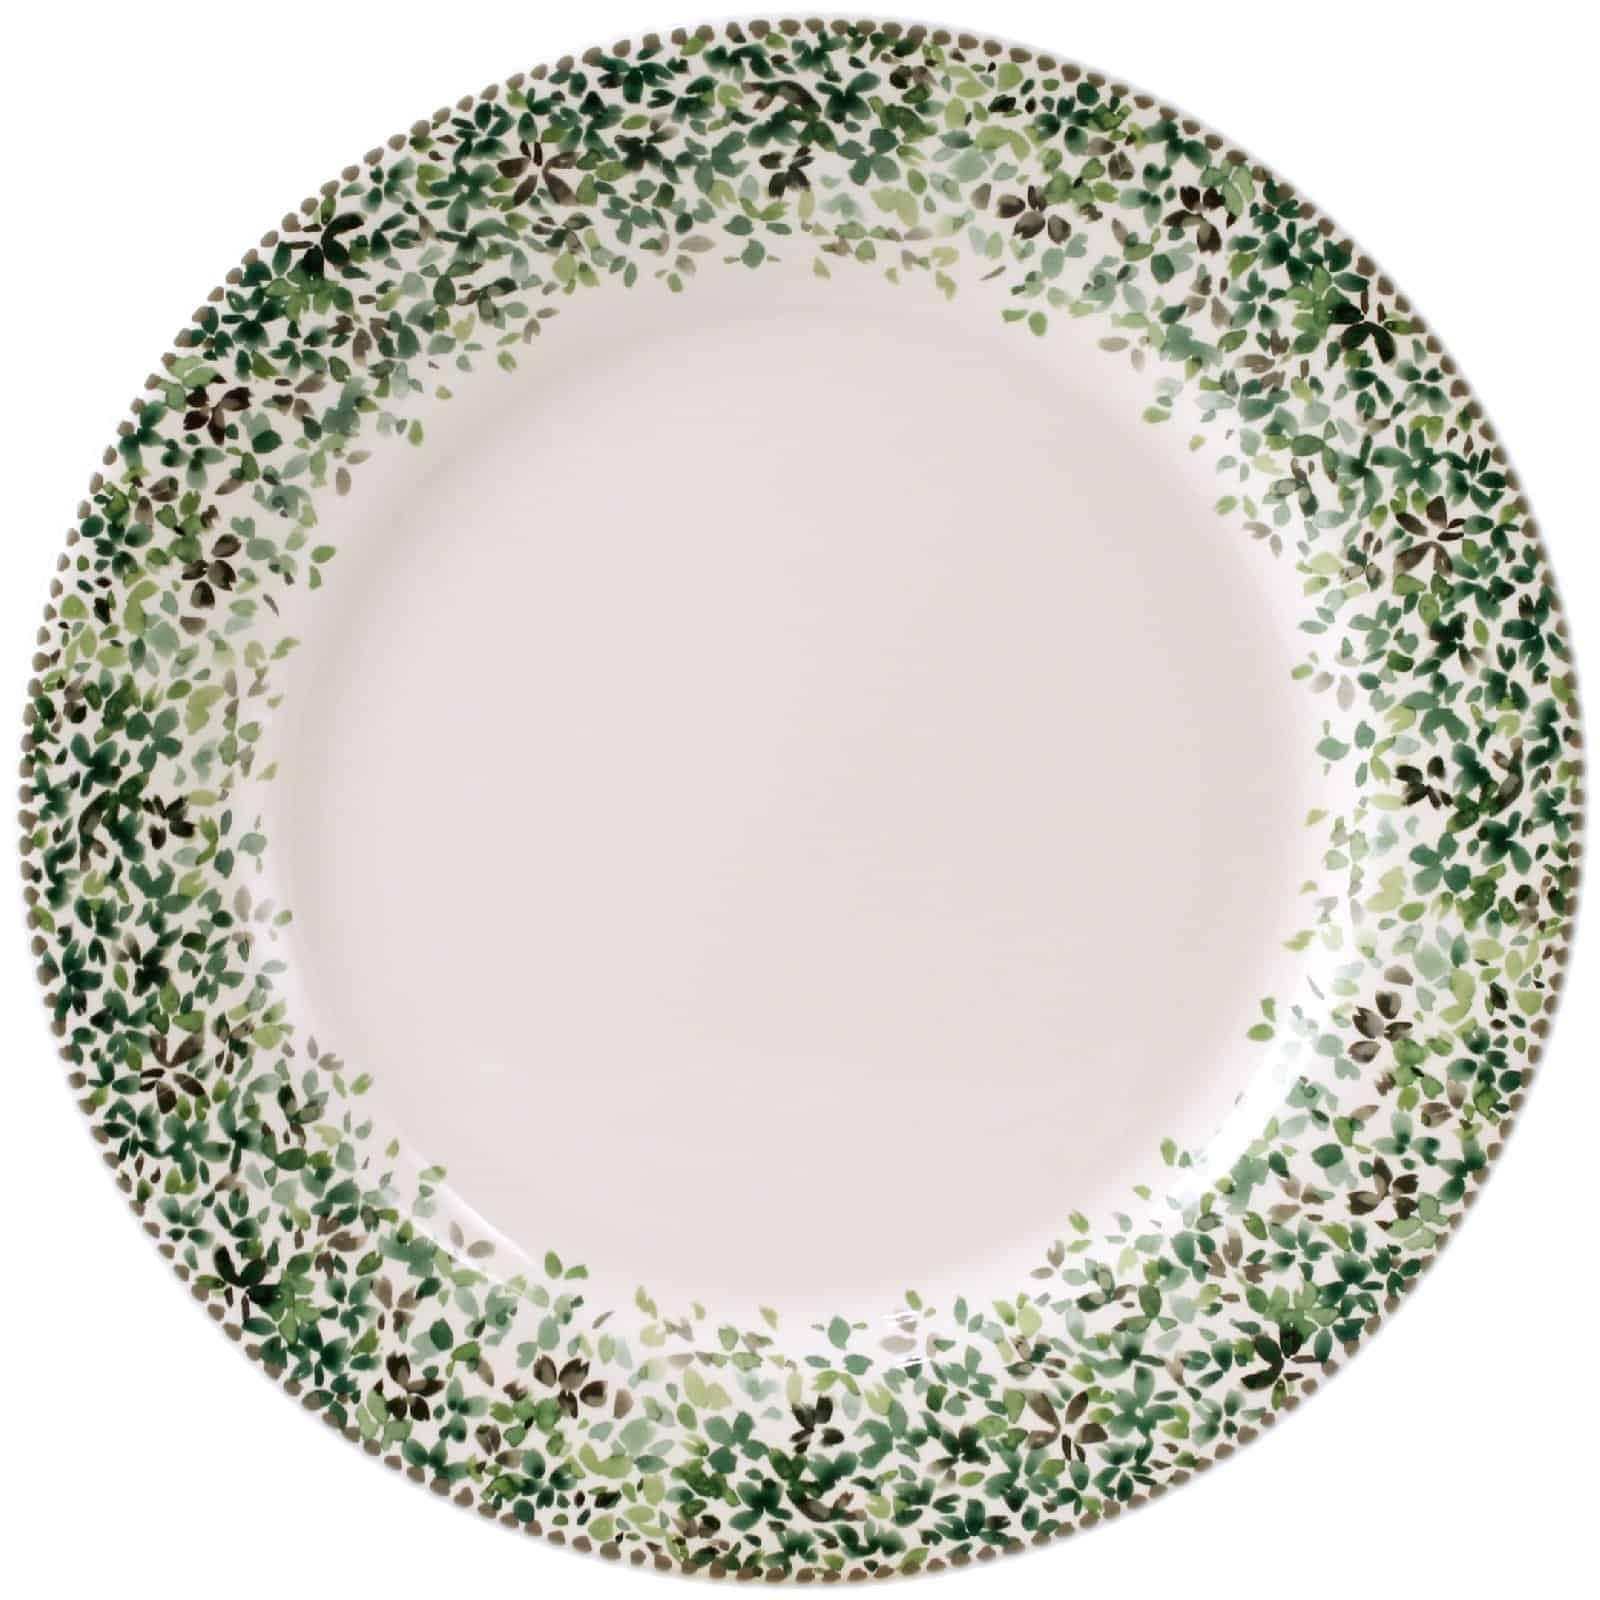 6 Dinner plate